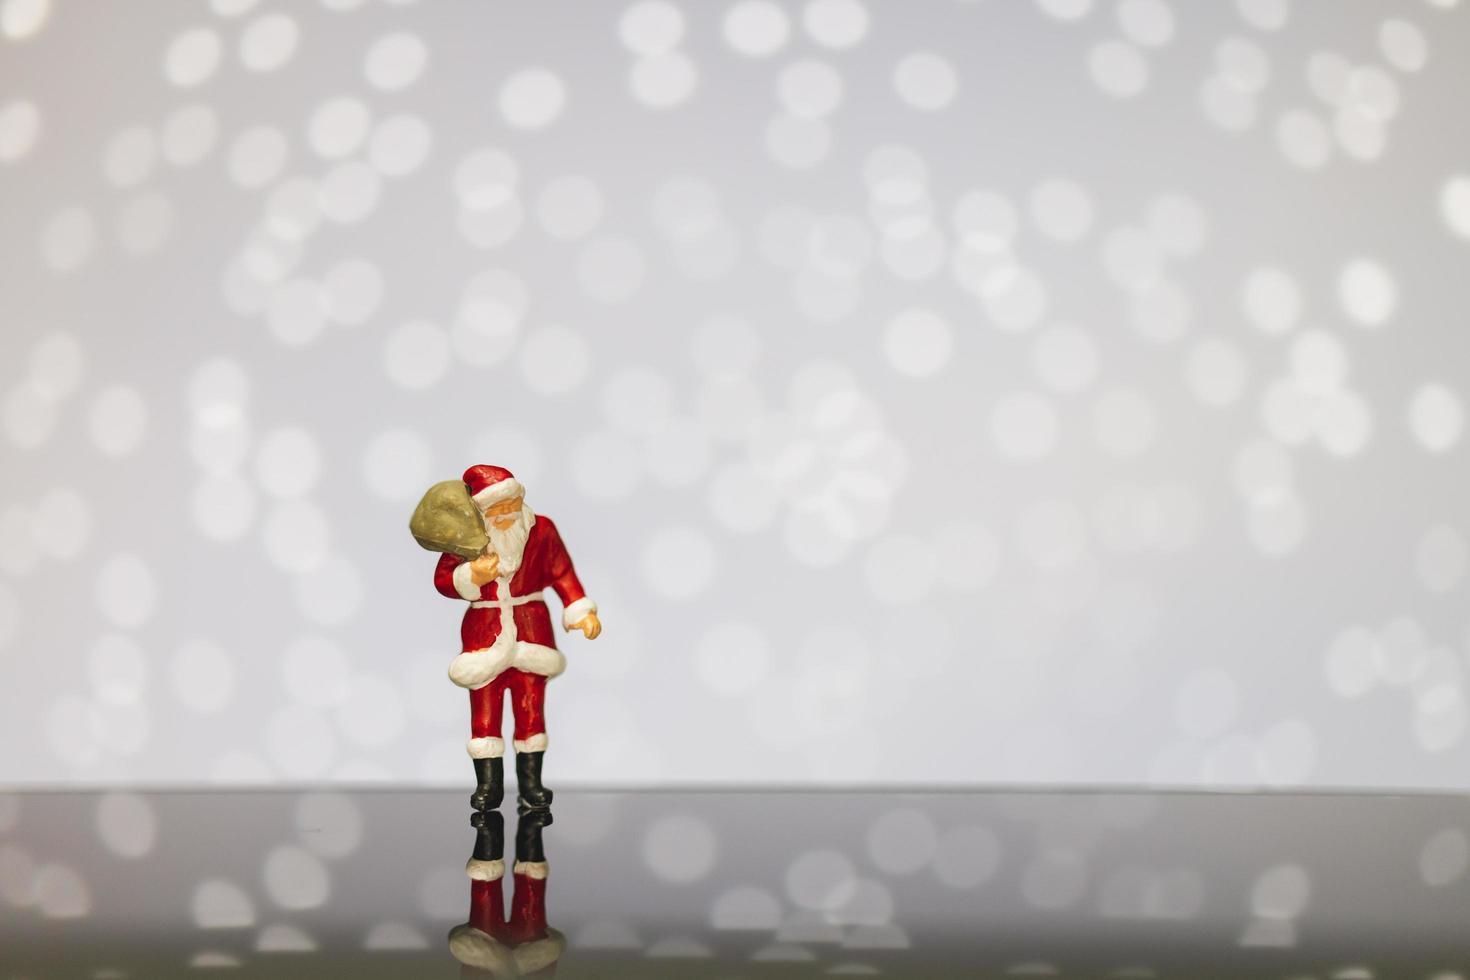 Miniatur-Weihnachtsmann, der eine Tasche auf einem Bokeh-Hintergrund, frohe Weihnachten und ein frohes neues Jahr-Konzept trägt. foto